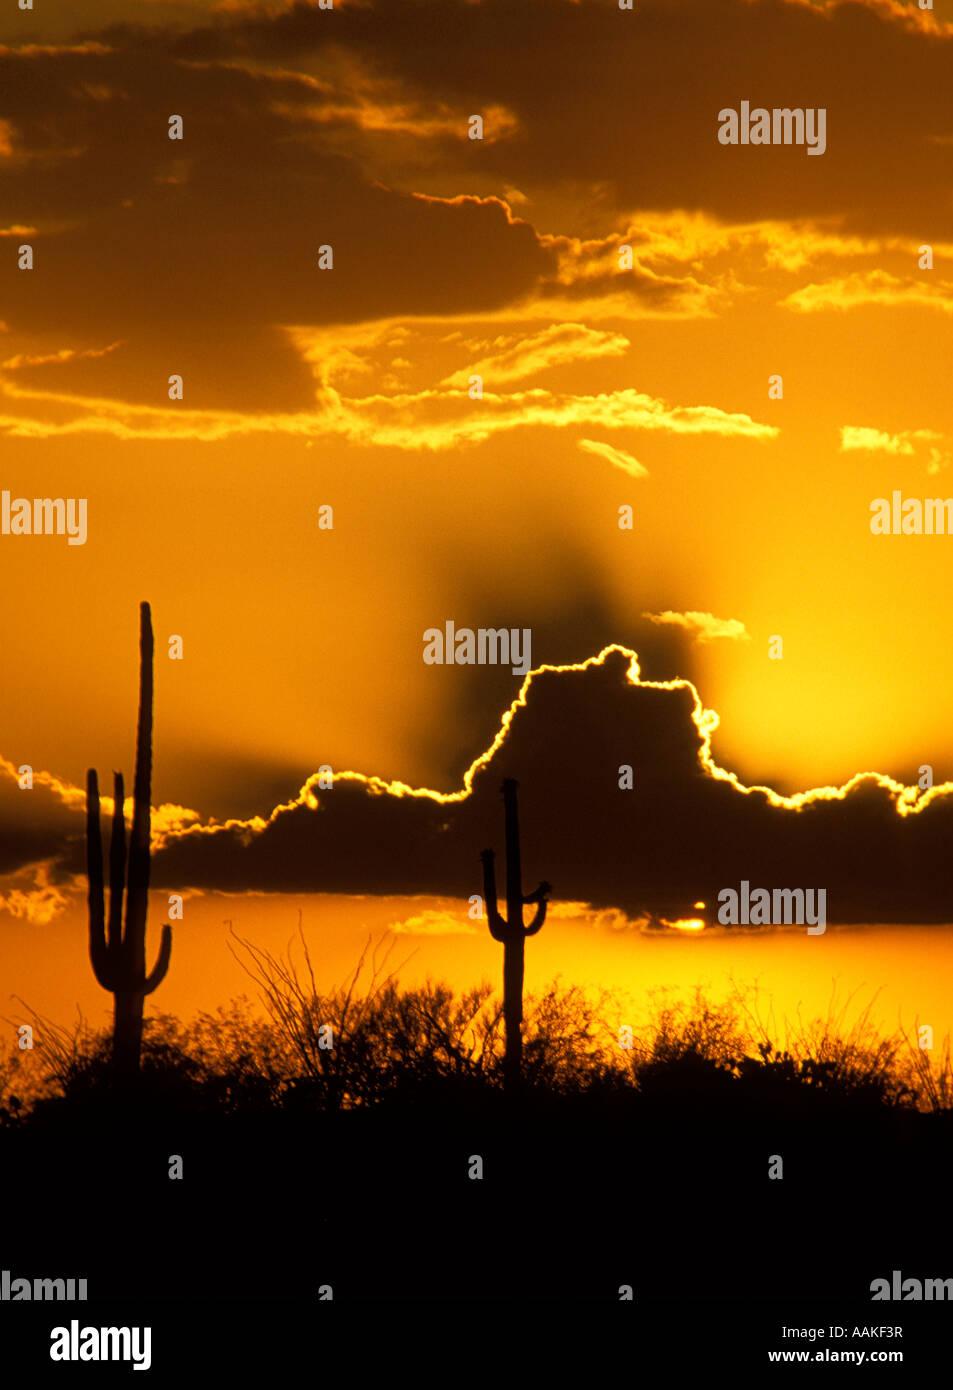 Dramatic sunset in Saguaro National Park East side Tucson Arizona - Stock Image